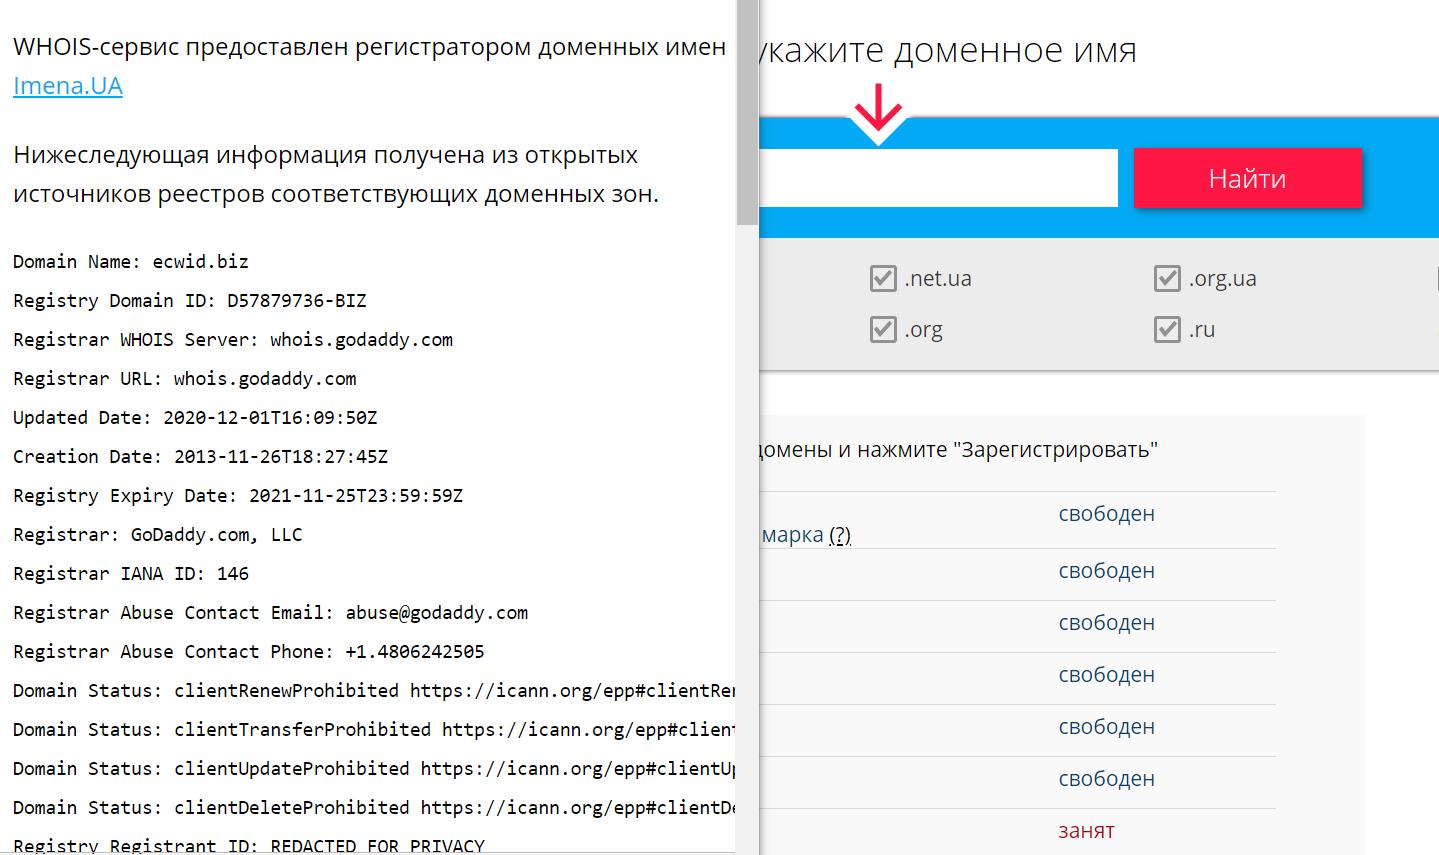 Образец данных WHOIS на сайте IMENA.UA